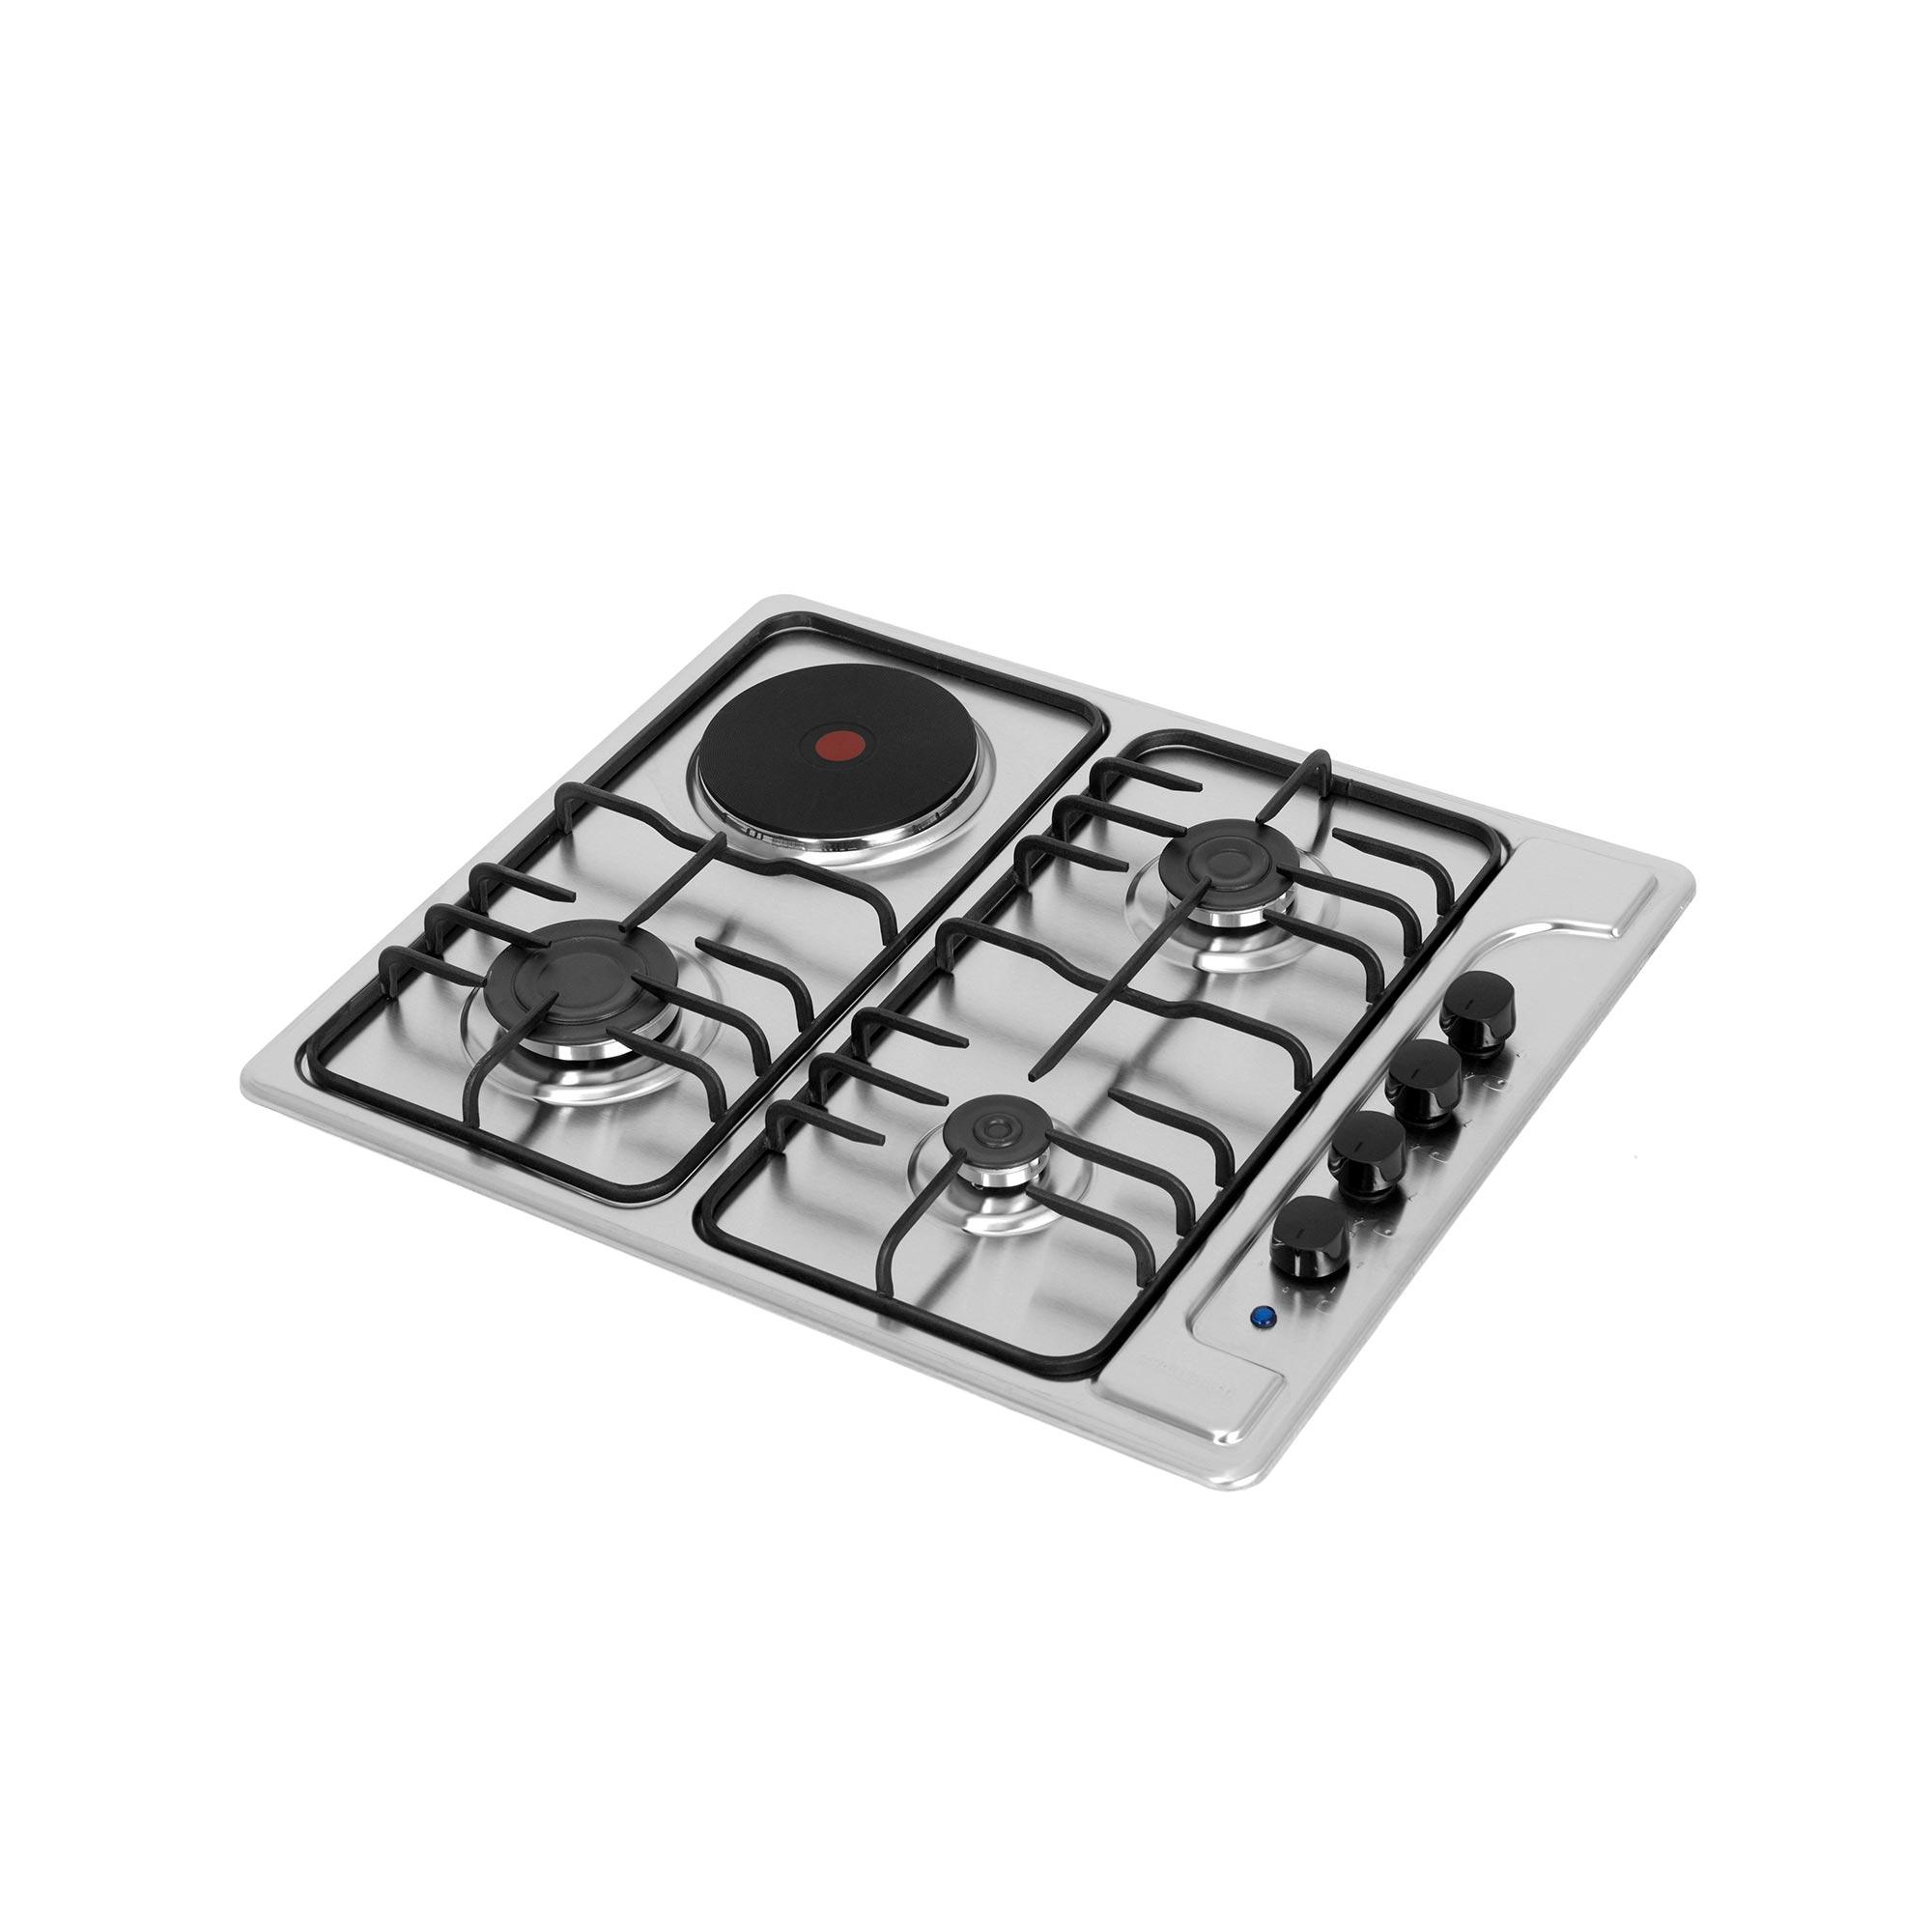 Estufa Acero Inox SP 4340/4331/5002/5030/5020/5040/5240/6043/6031/6040